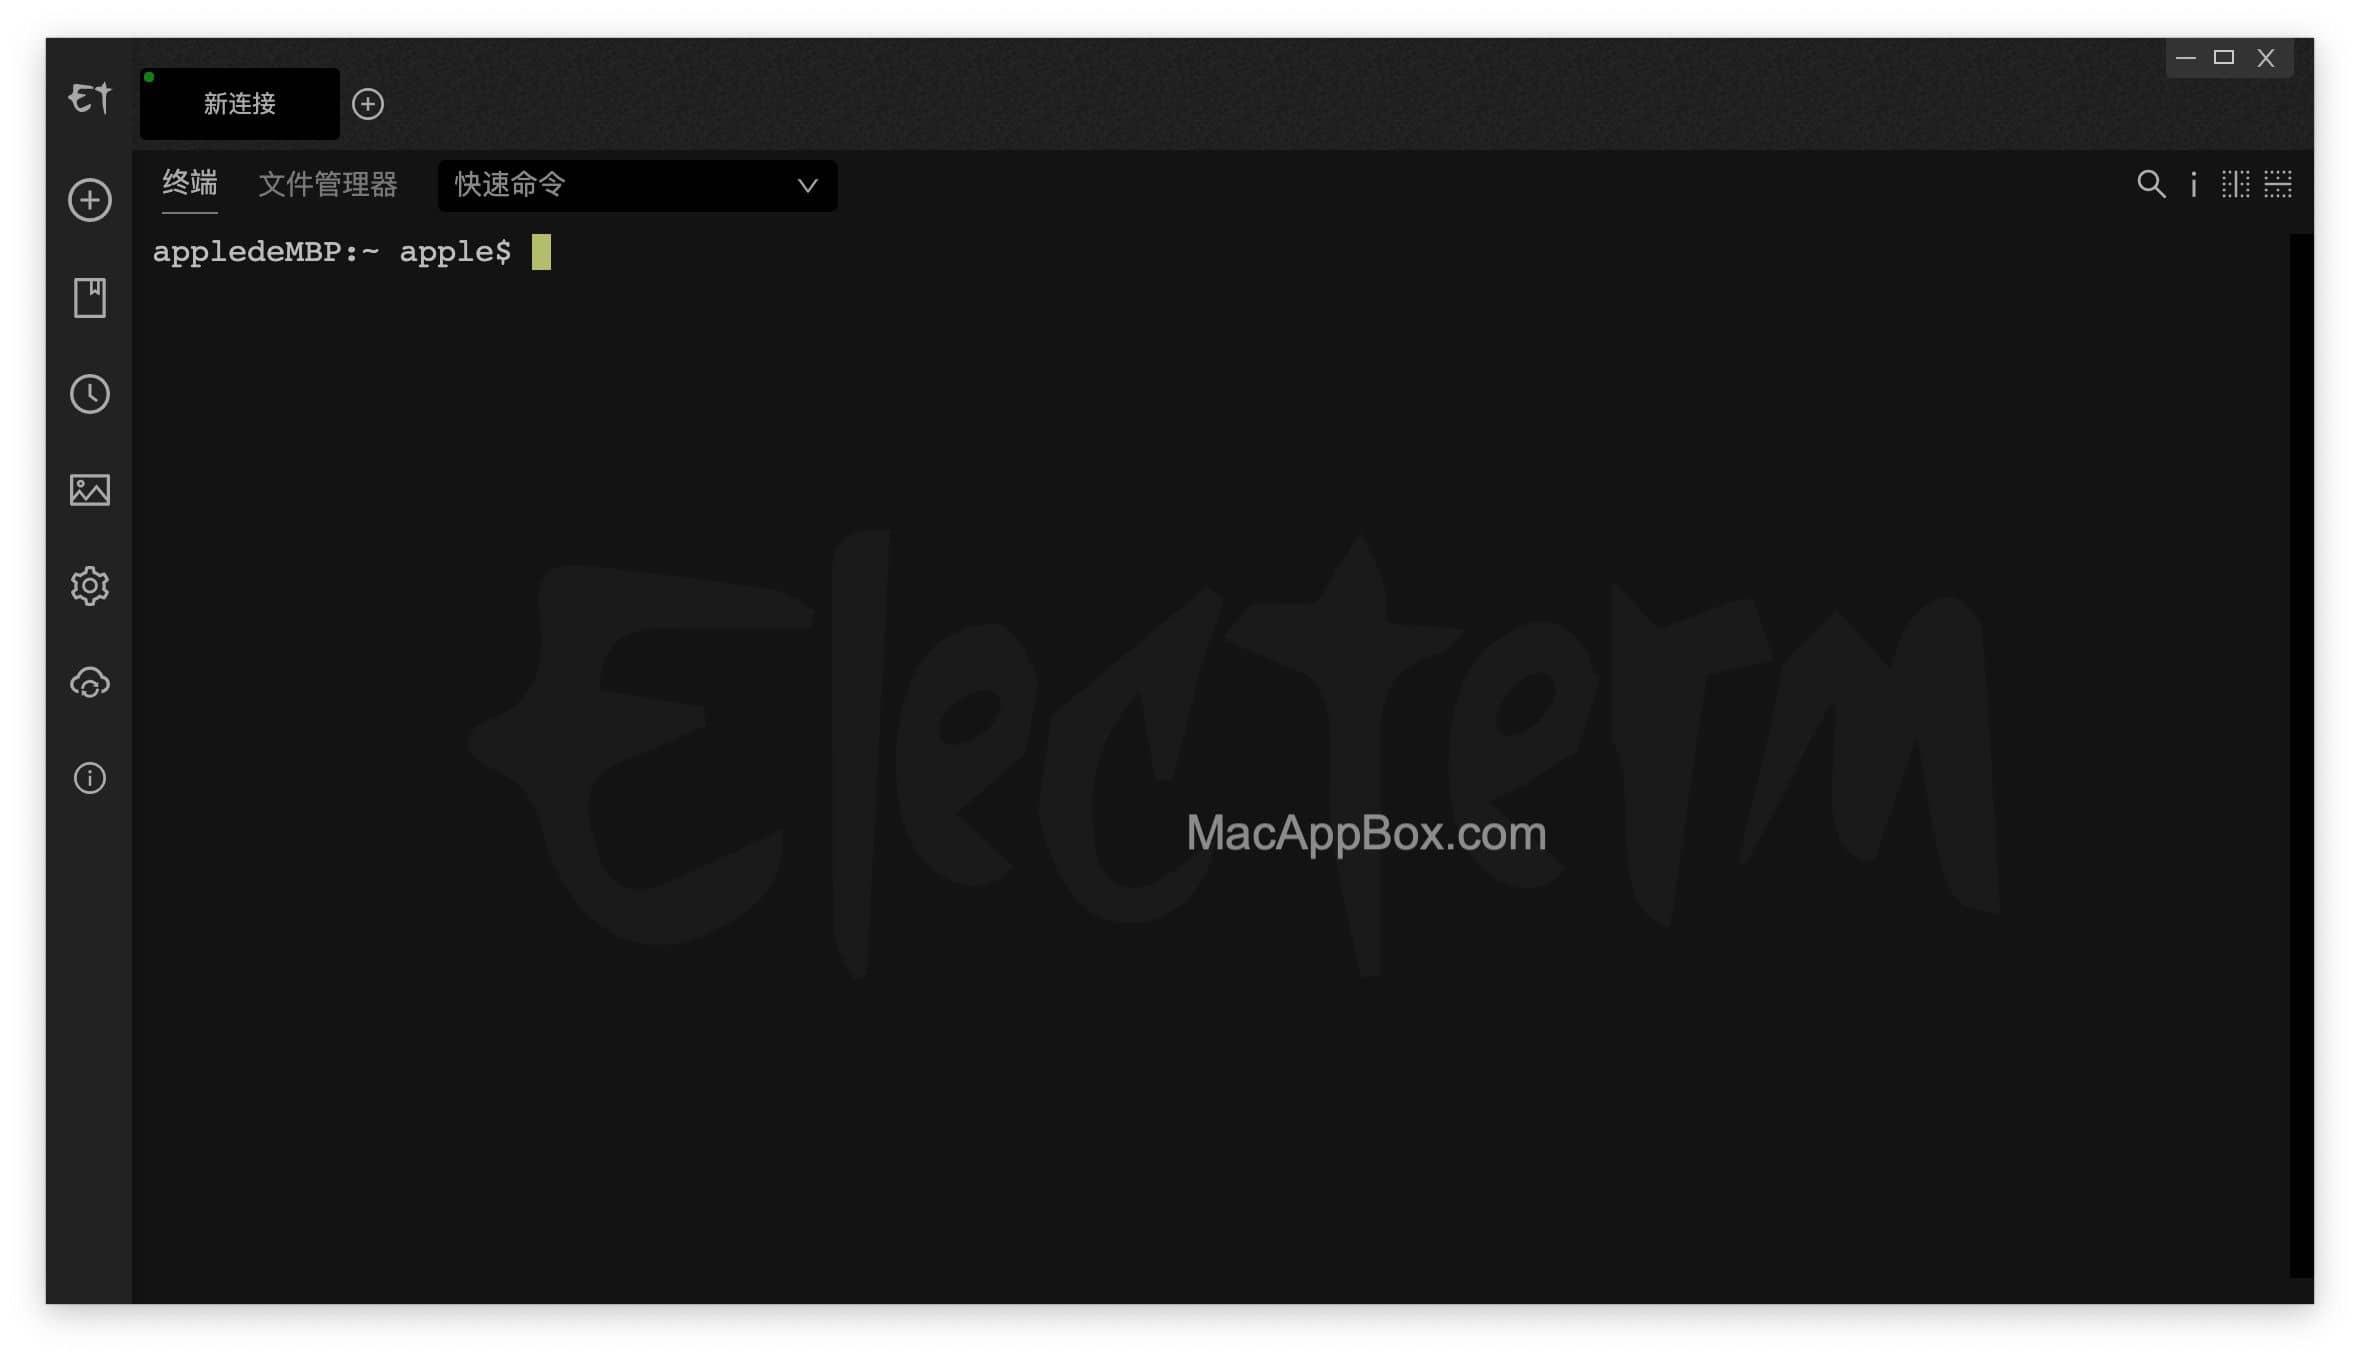 electerm 软件界面截图